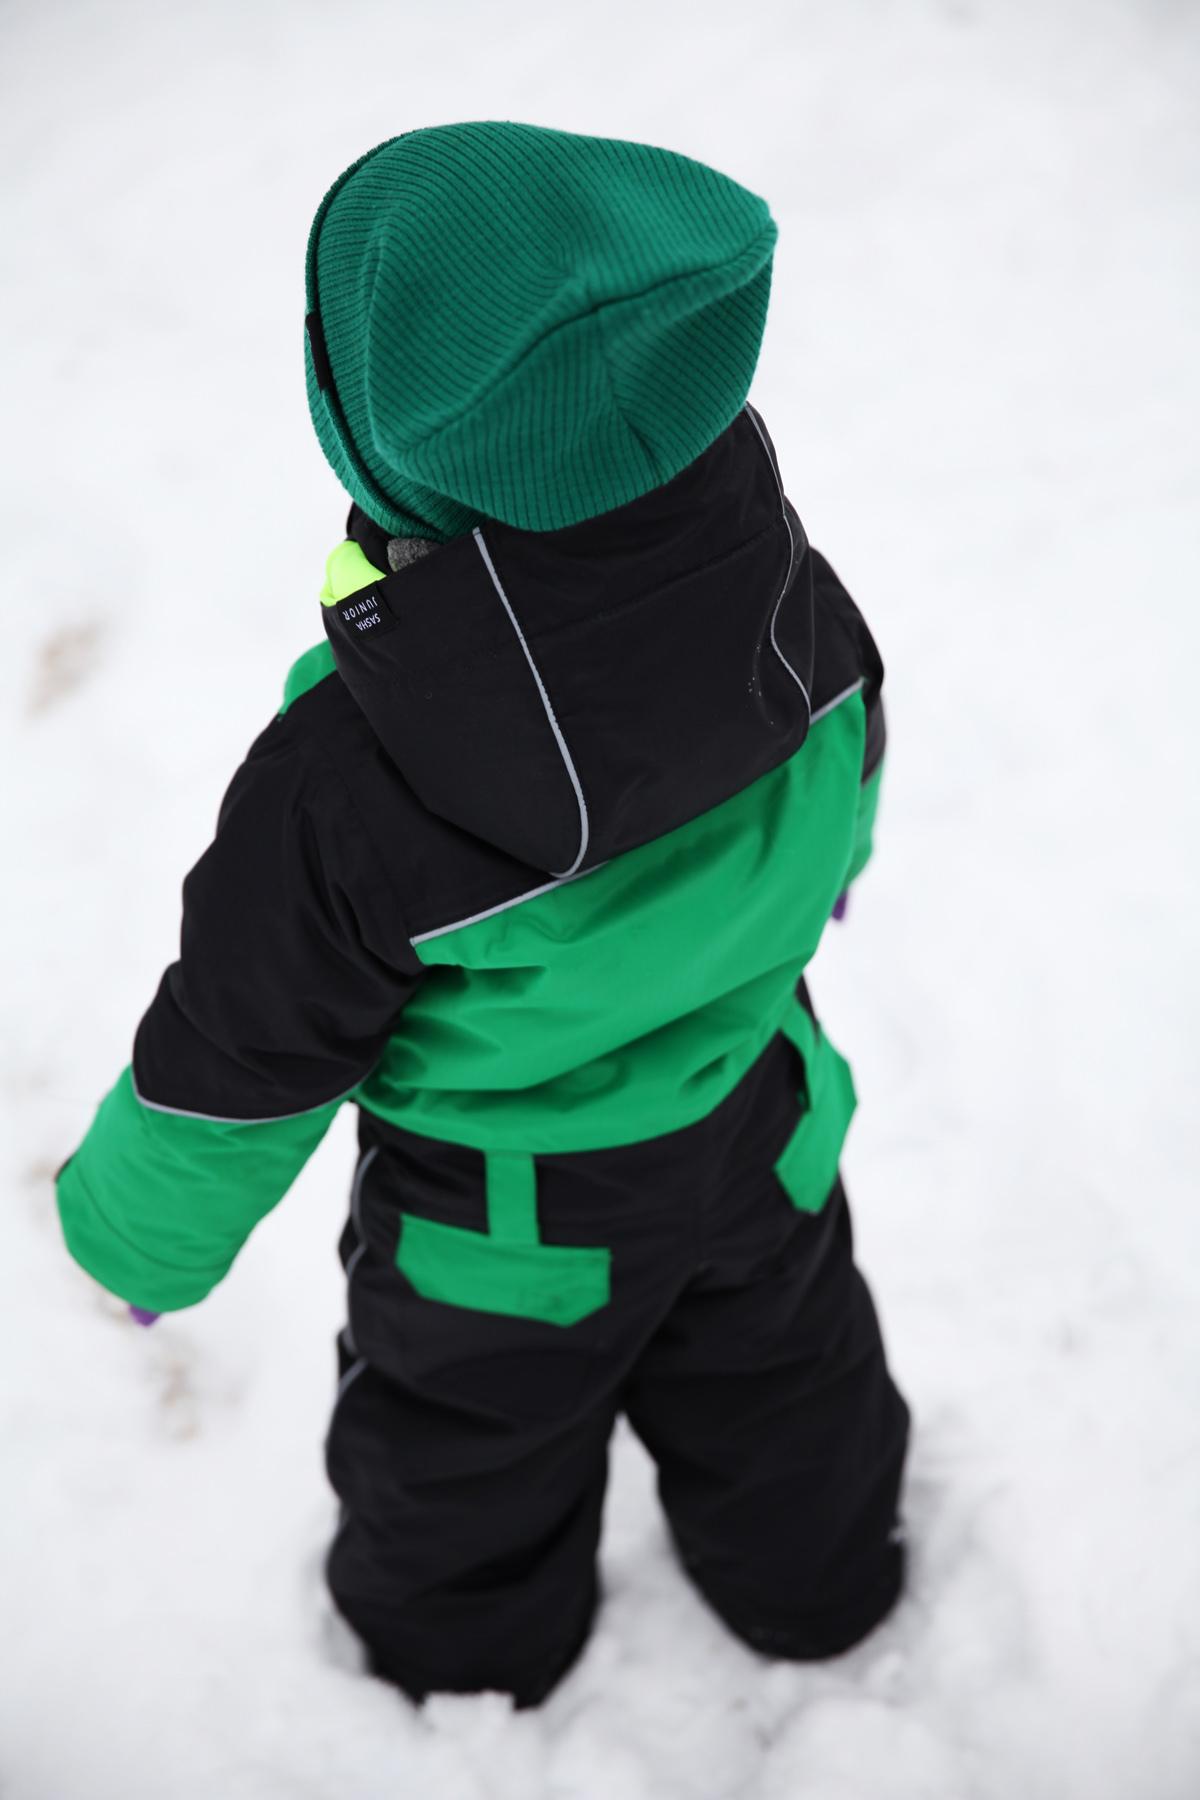 комбинезон детский зимний SASHA JUNIOR черно-зеленый